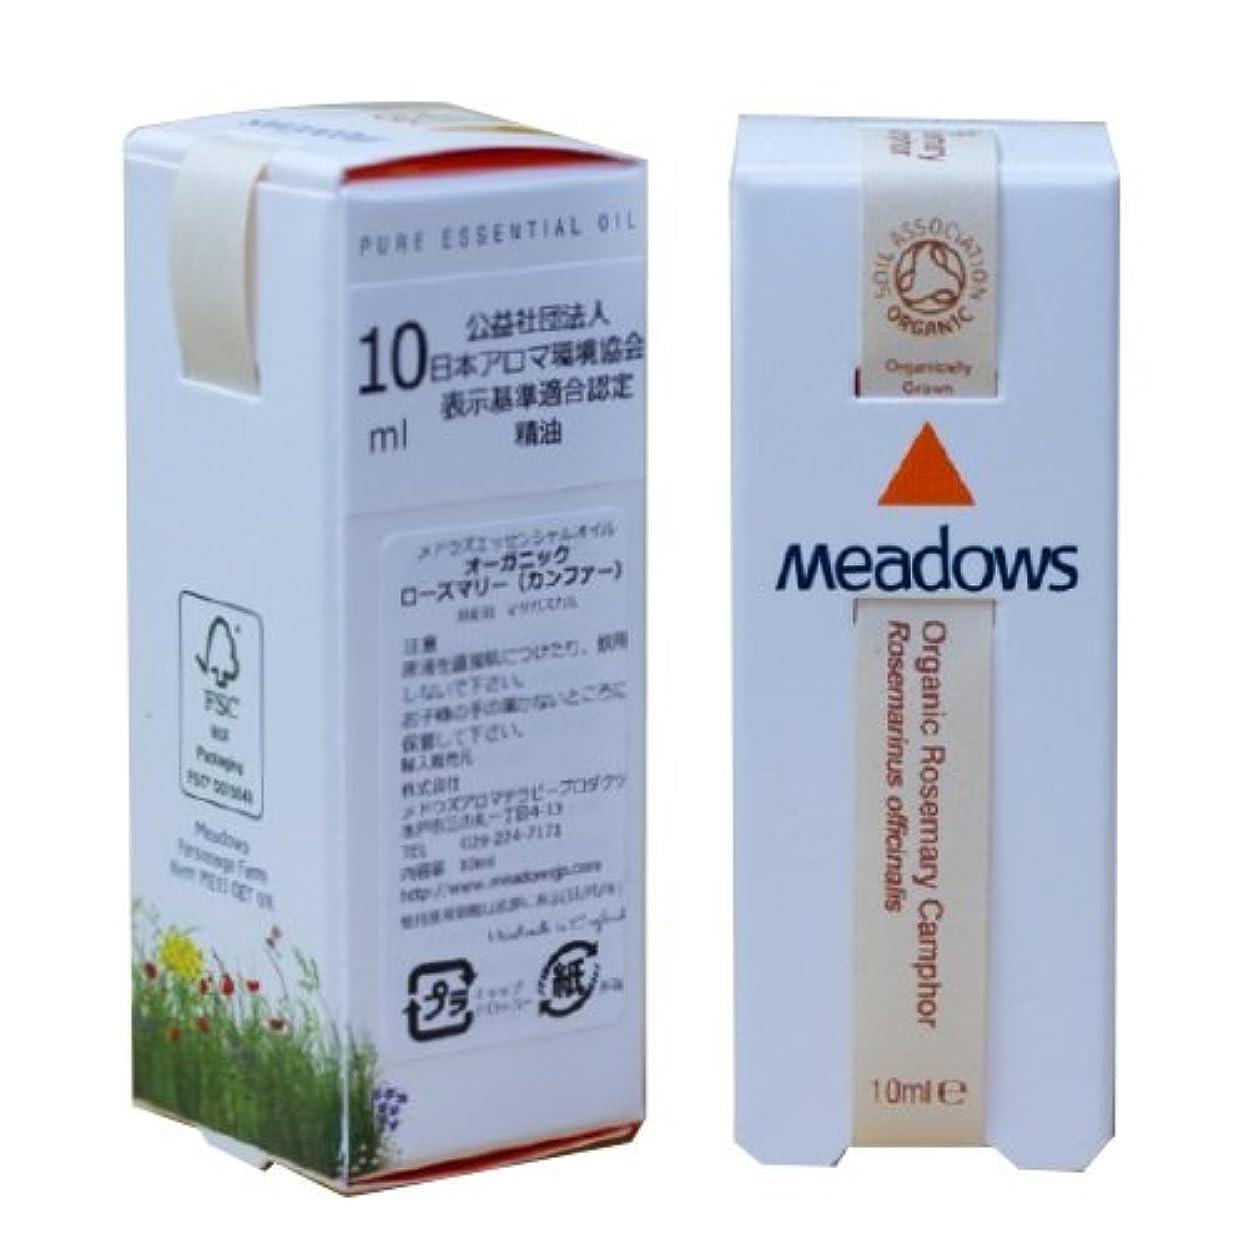 バリーきつく阻害するメドウズ エッセンシャルオイル ローズマリ―(カンファー) 10ml